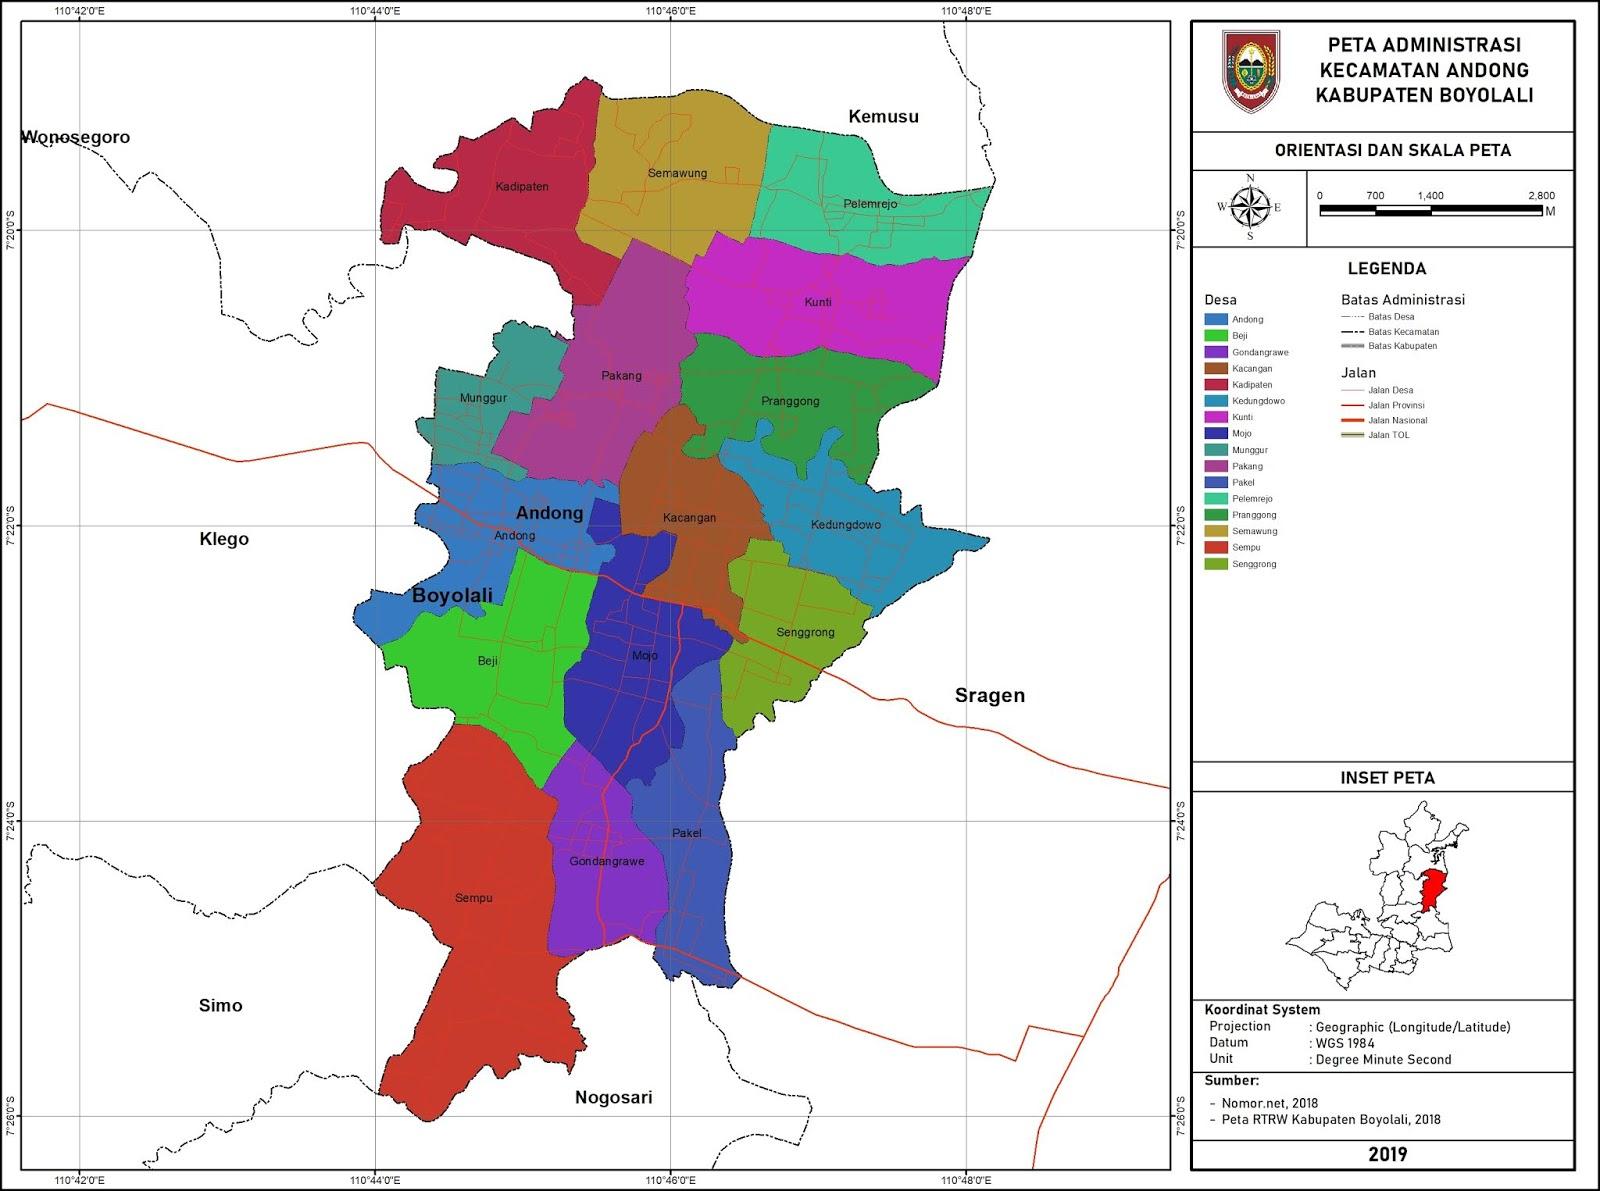 Peta Administrasi Kecamatan Andong, Kabuapten Boyolali ...